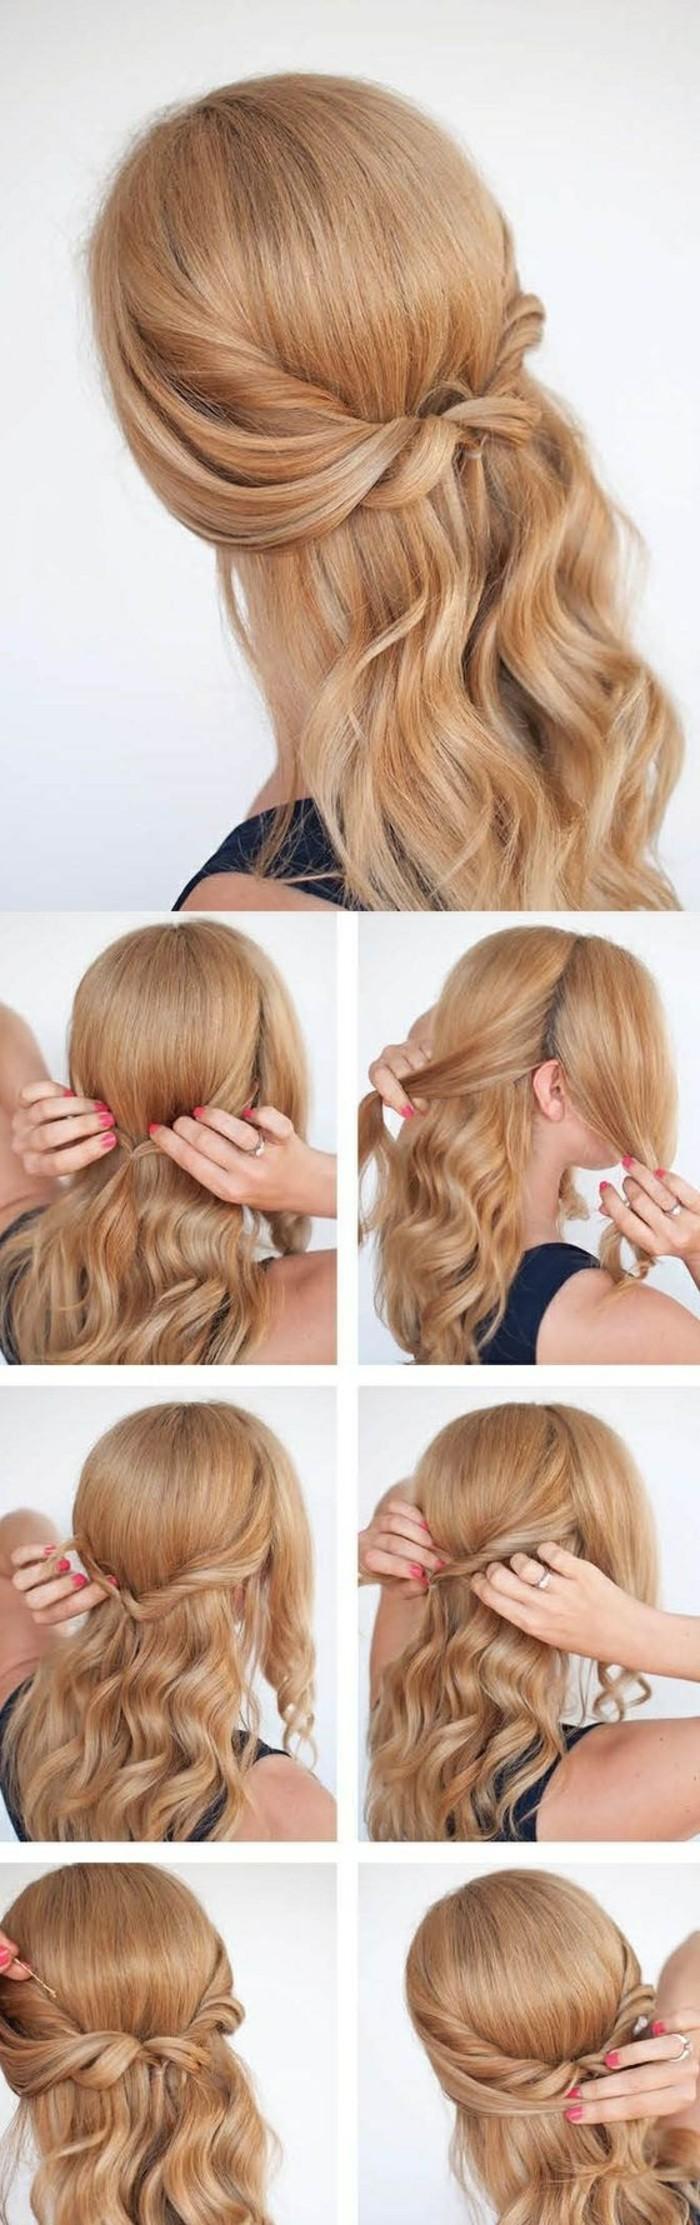 schone frisuren fur schulterlange haare